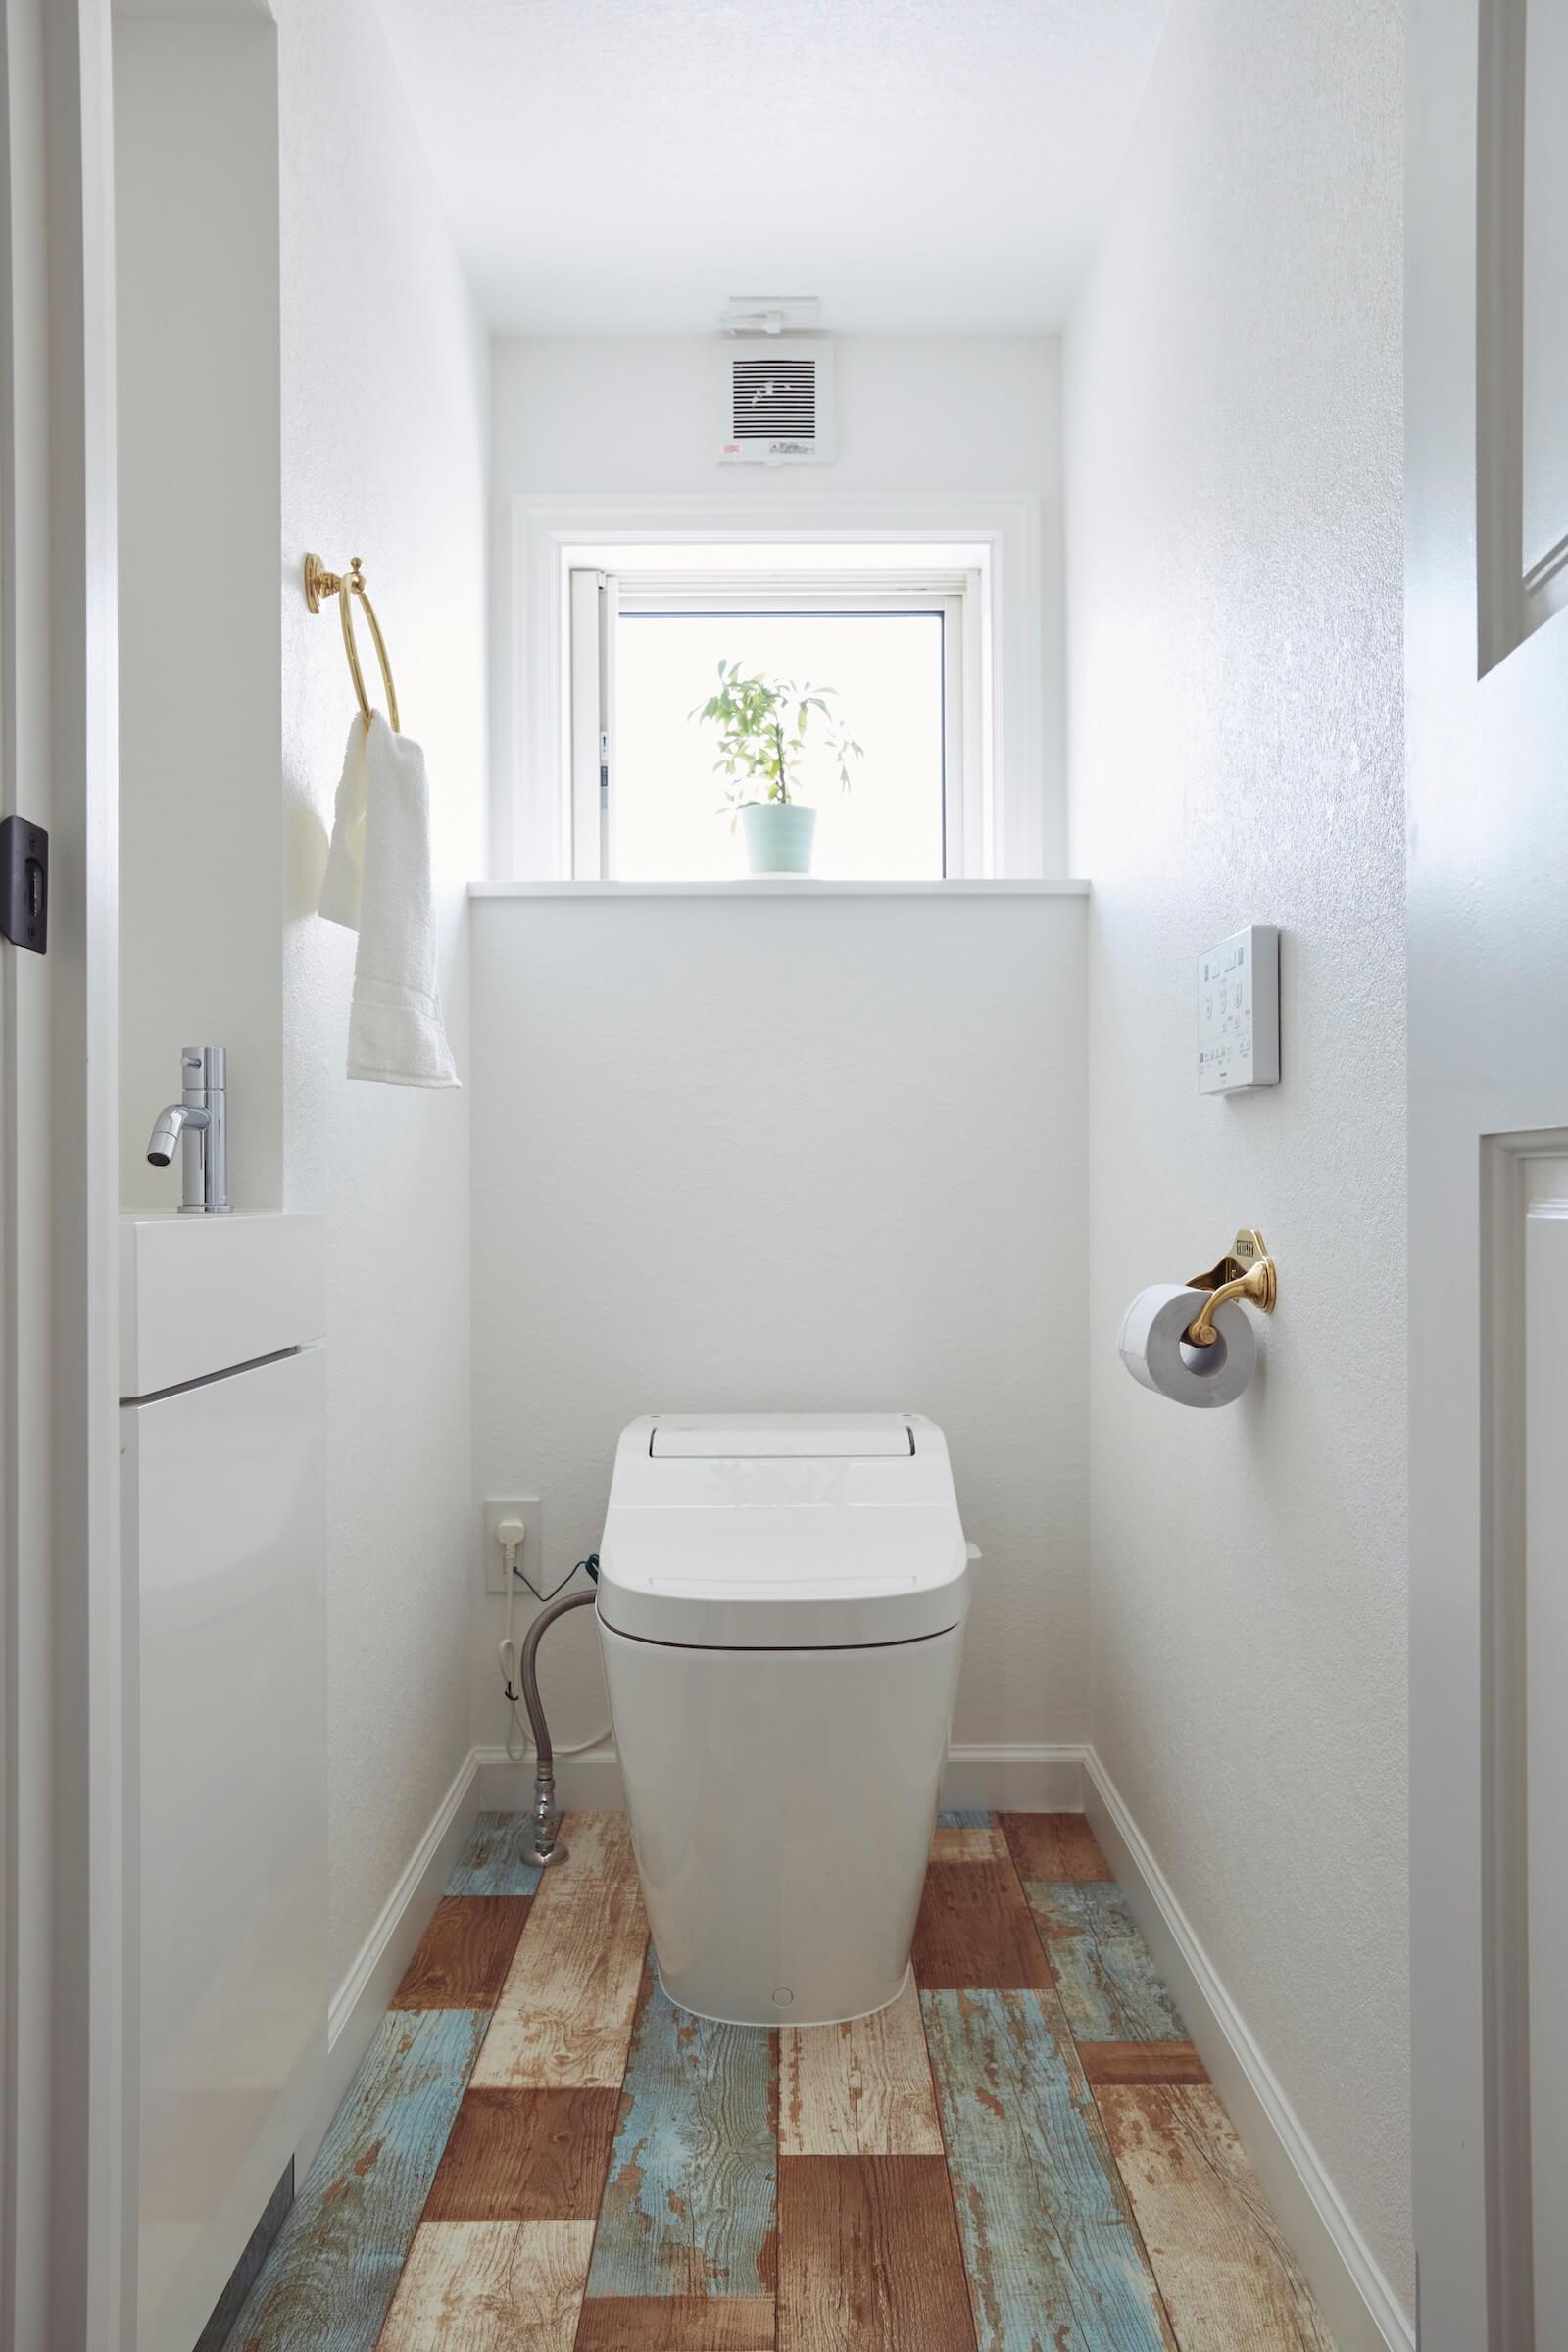 ラップサイディングのビルトインガレージのトイレ